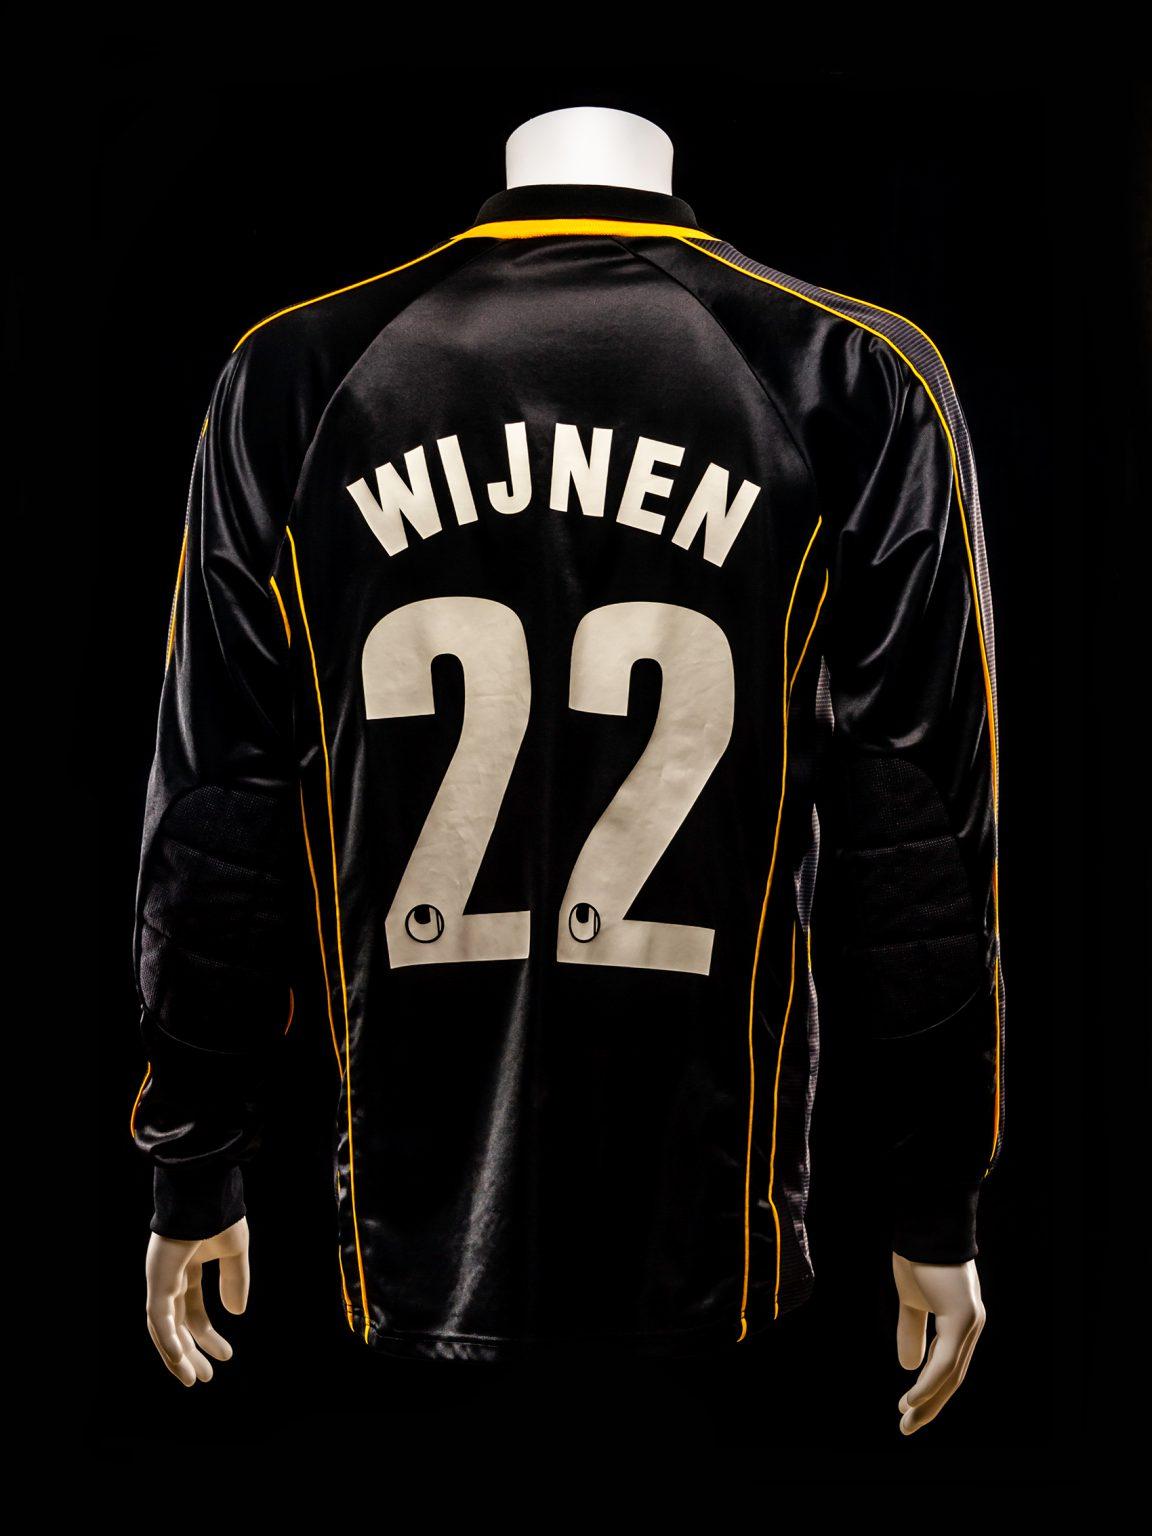 #22 Bas Wijnen